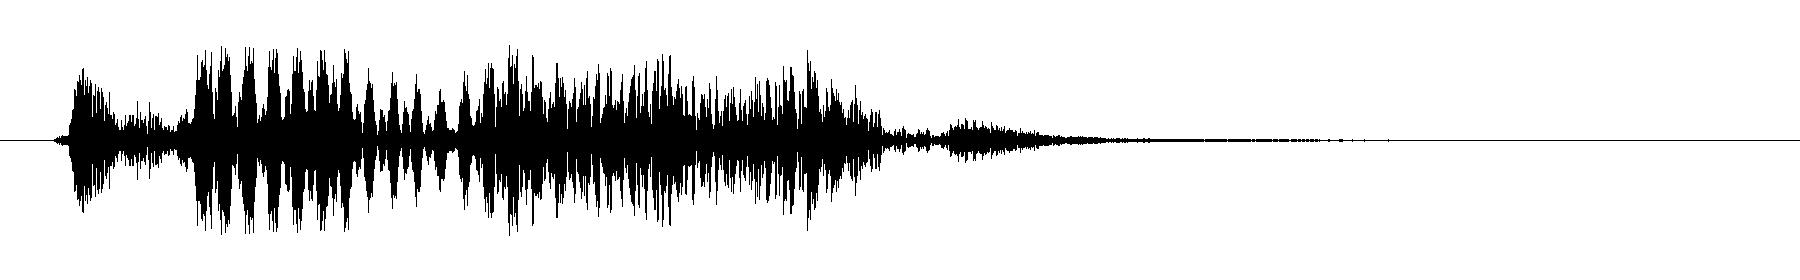 vocoder 1   keyboard